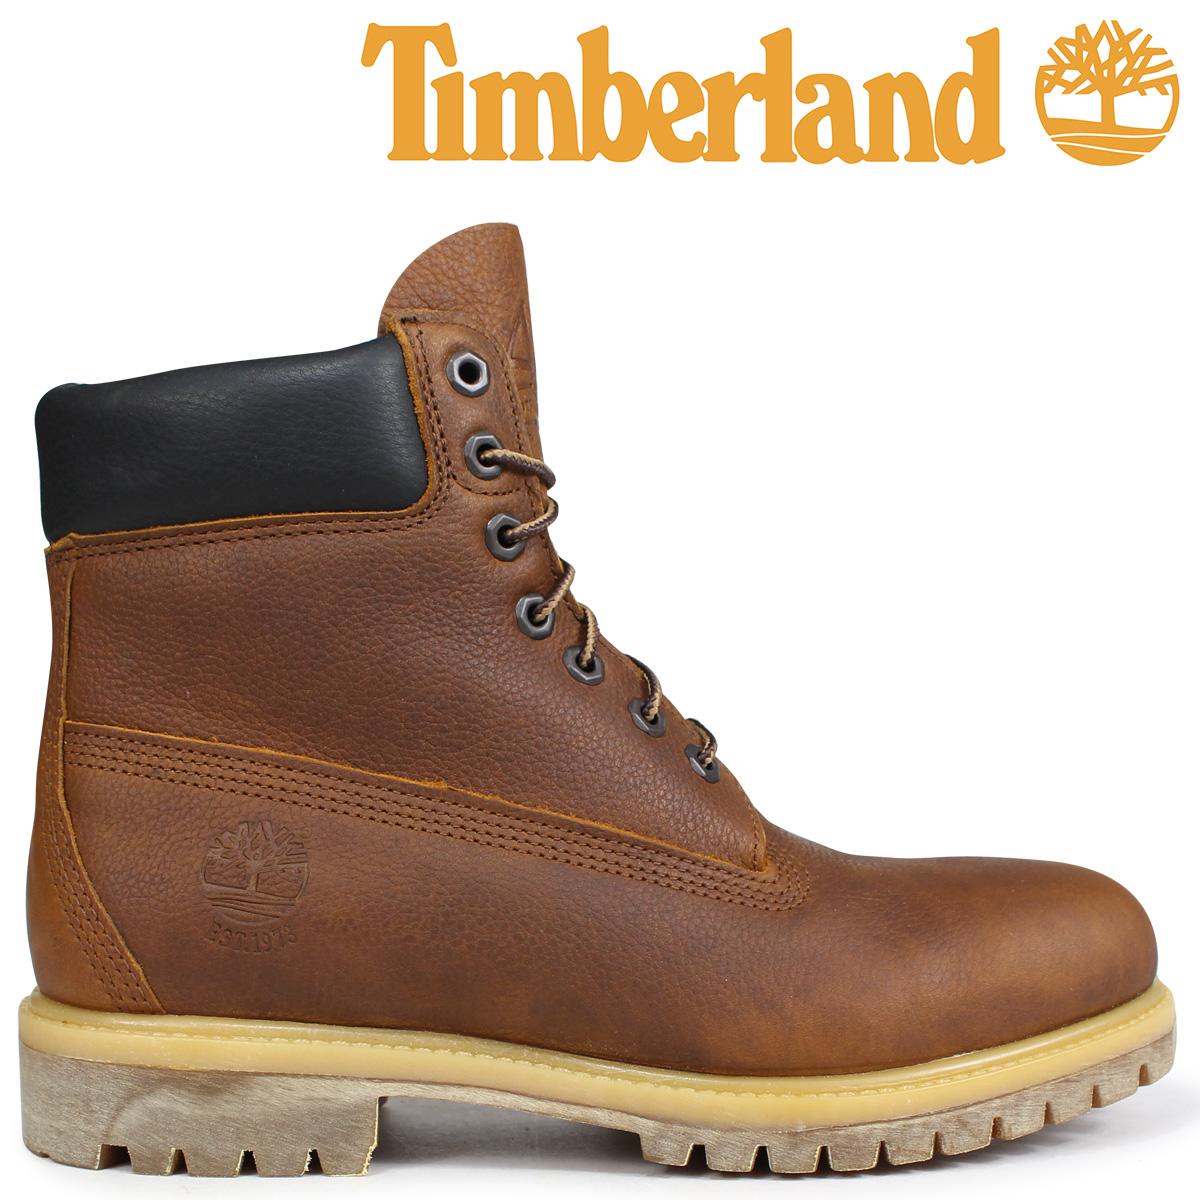 Timberland ティンバーランド ブーツ 6インチ メンズ HERITAGE 6-INCH PREMIUM BOOTS Wワイズ ブラウン A1R18 [3/19 追加入荷]